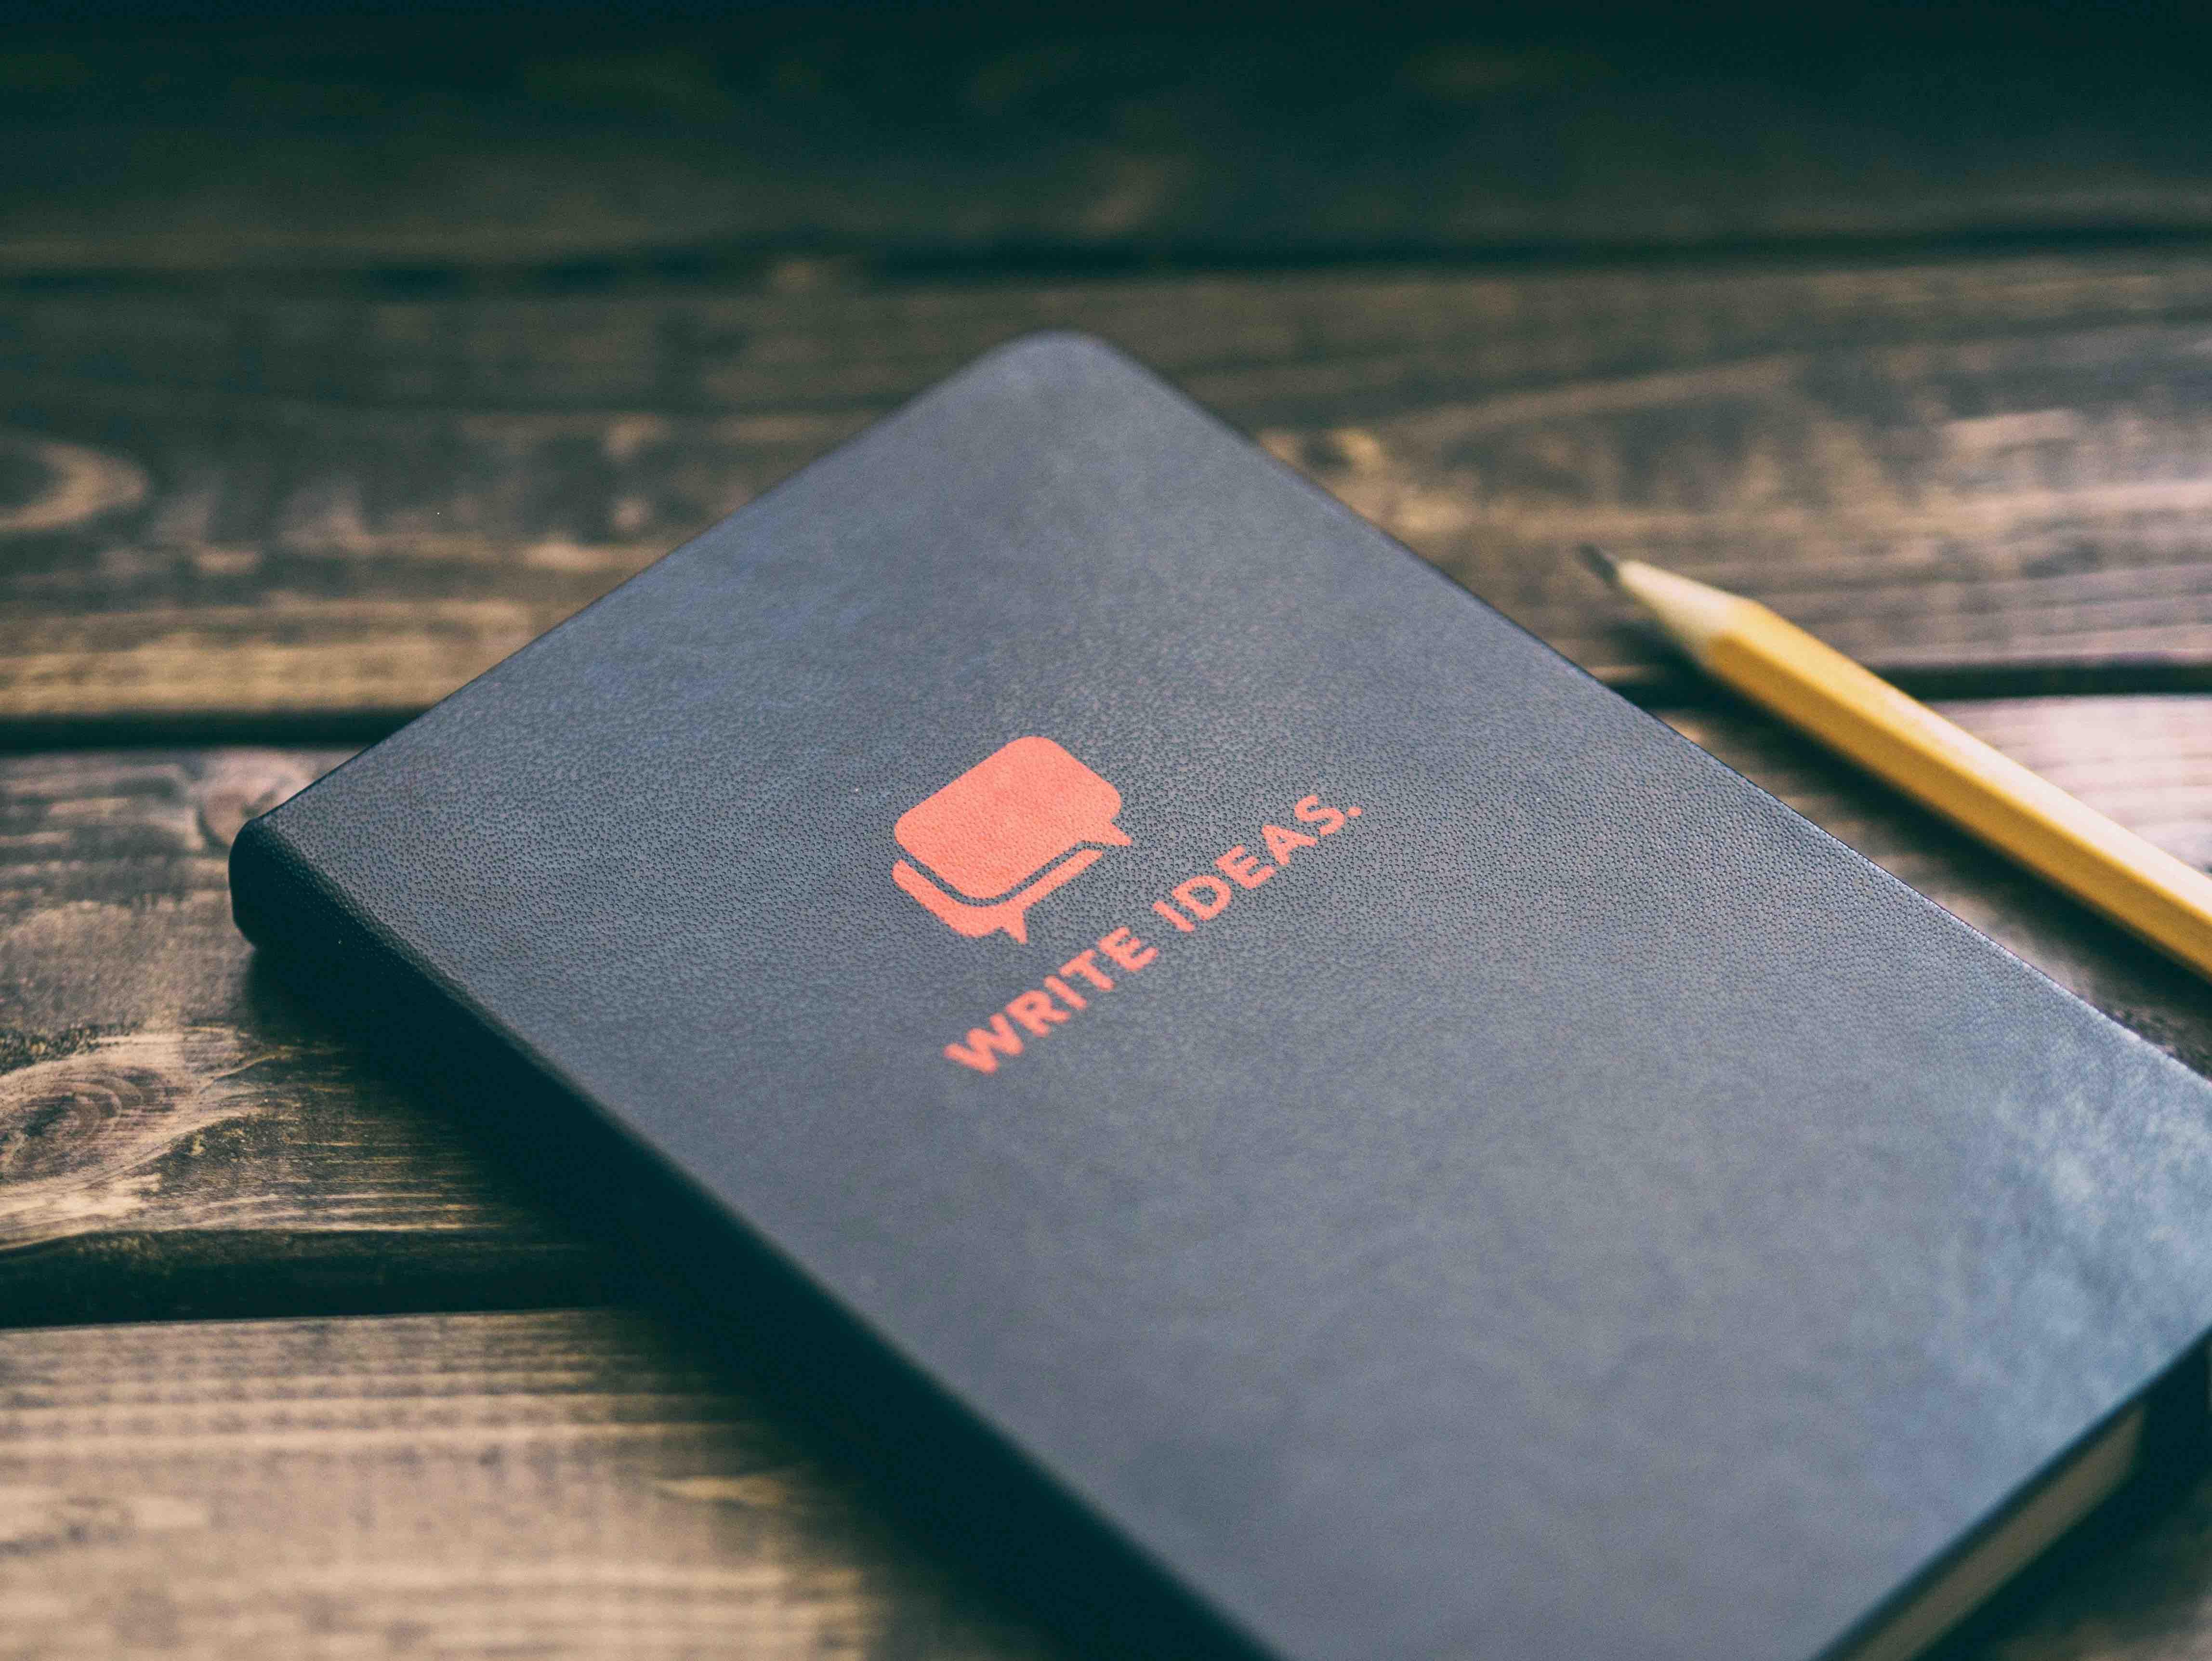 Erfolgsjournal Empfehlungen Niko Juranek Persönlichkeitsentwicklung Blog 10